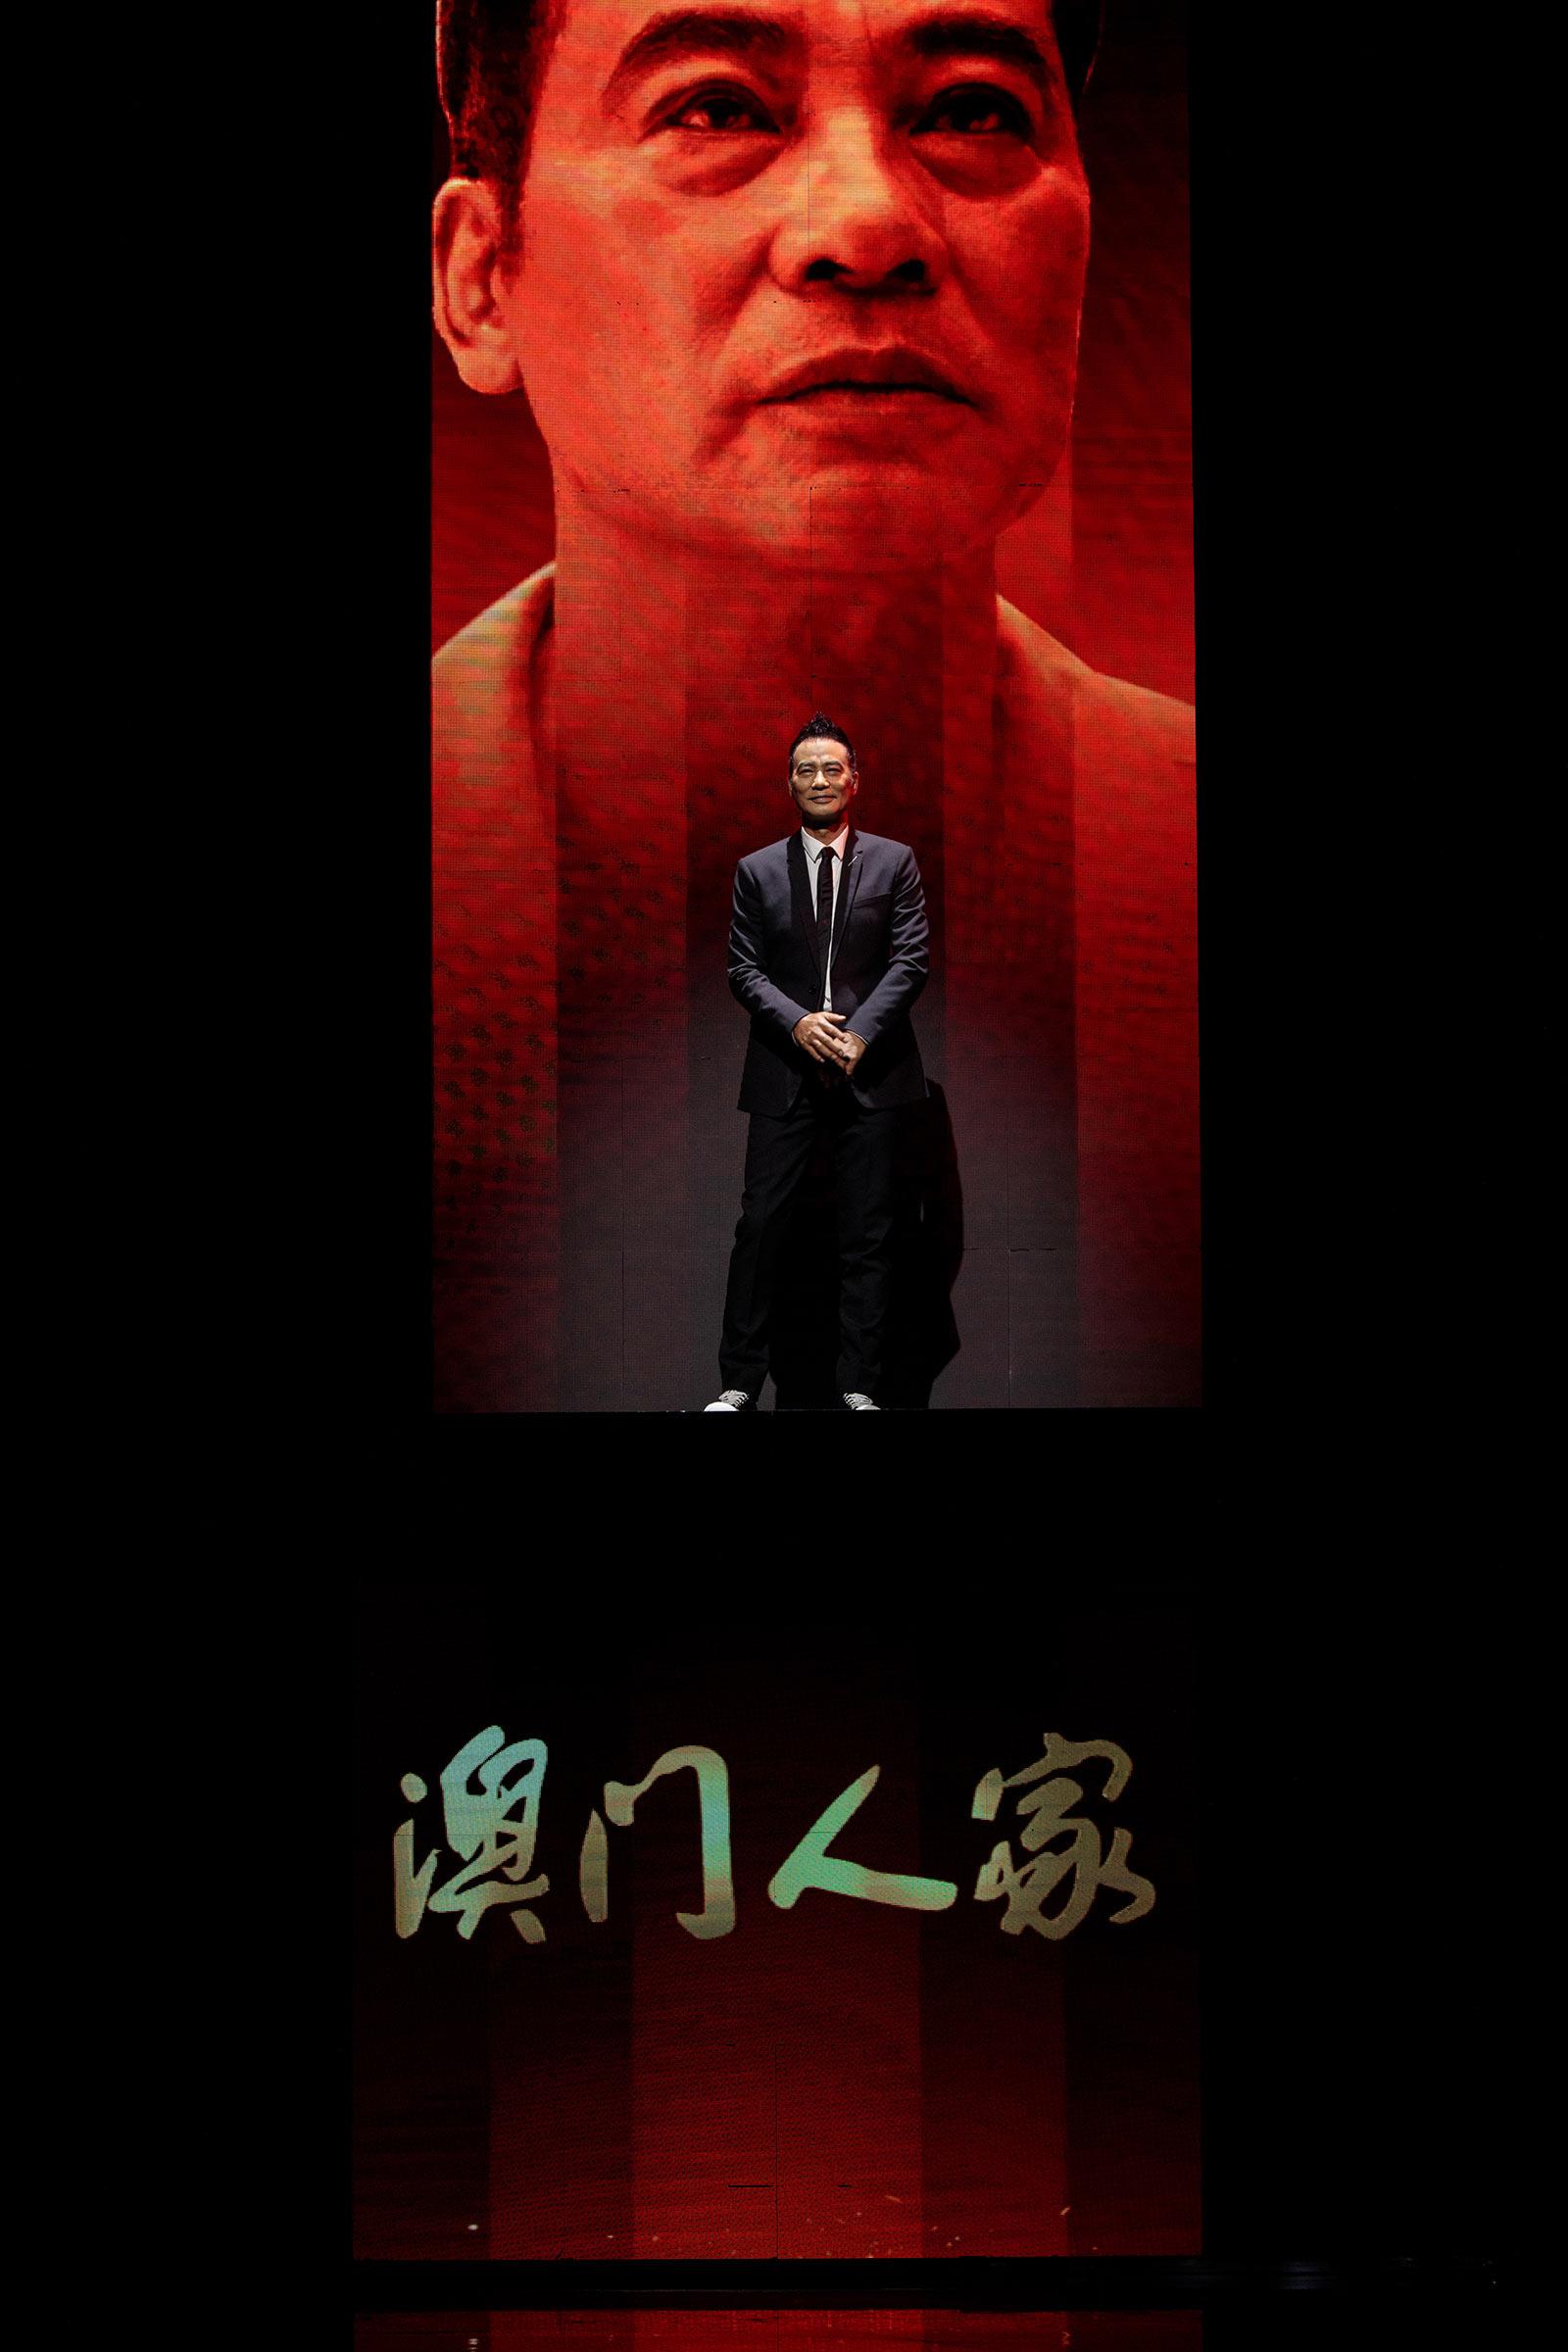 任达华荣获第30届中国电视金鹰奖最佳男演员奖